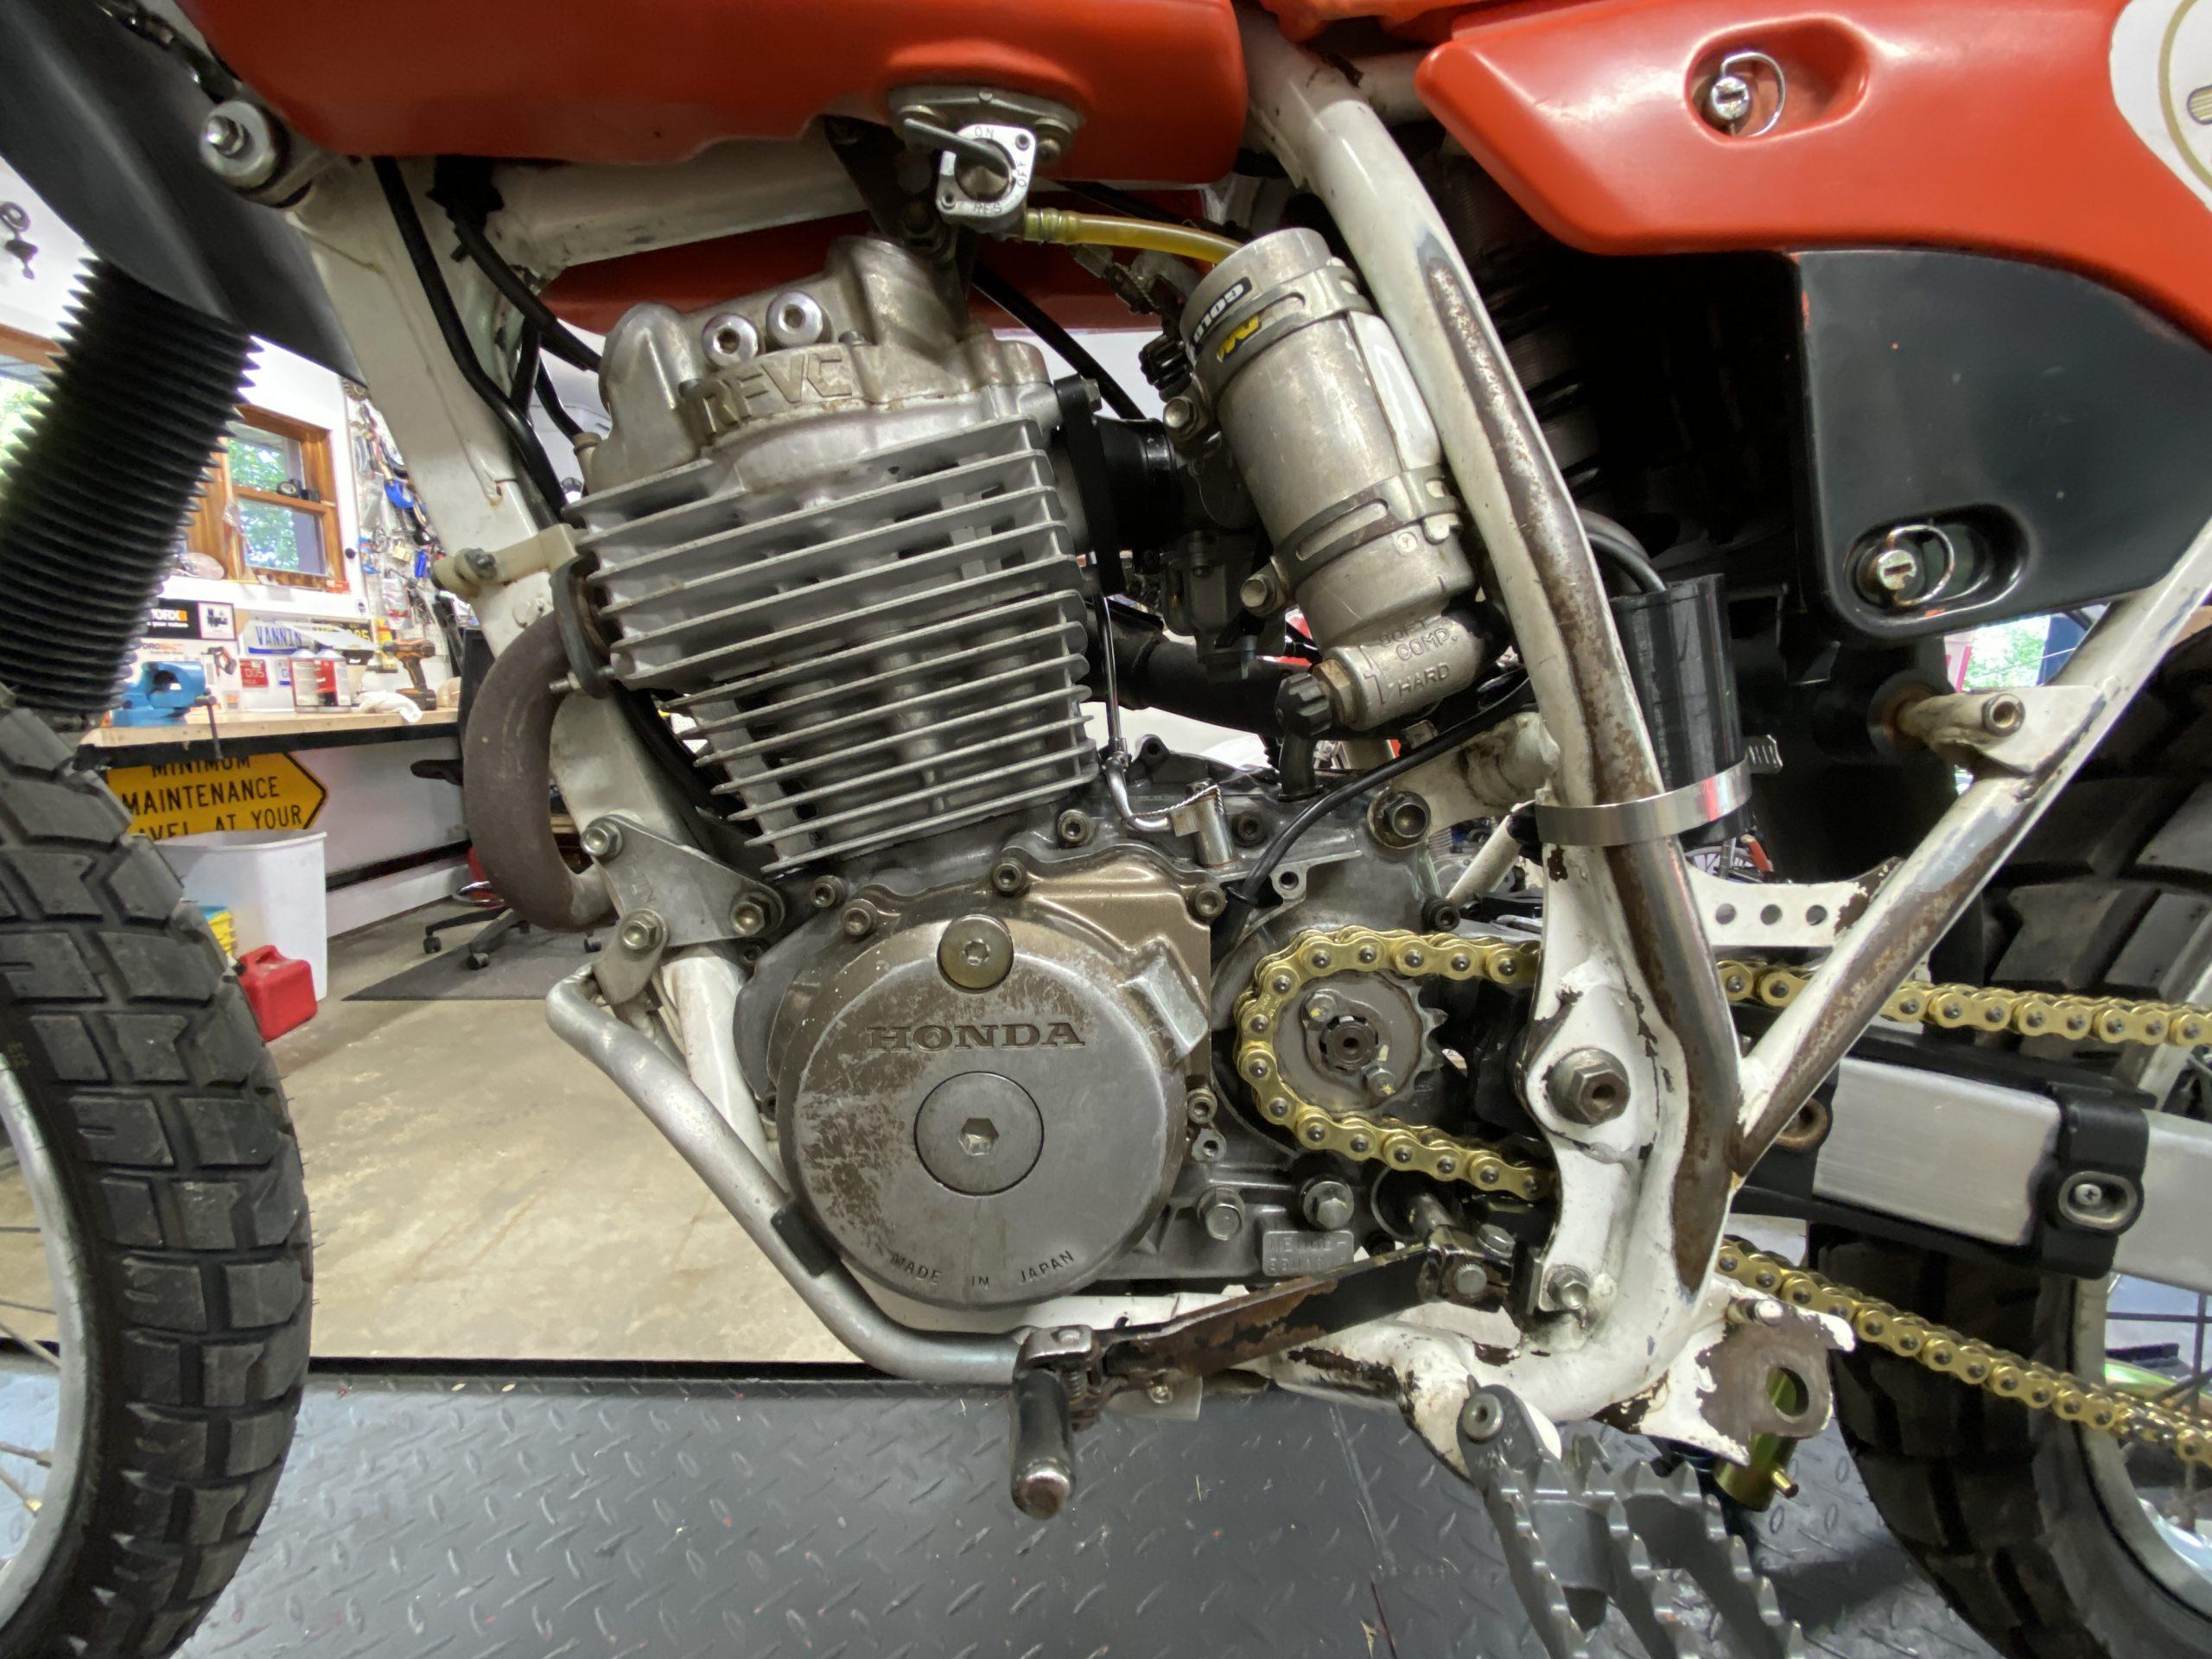 Honda XR250R engine